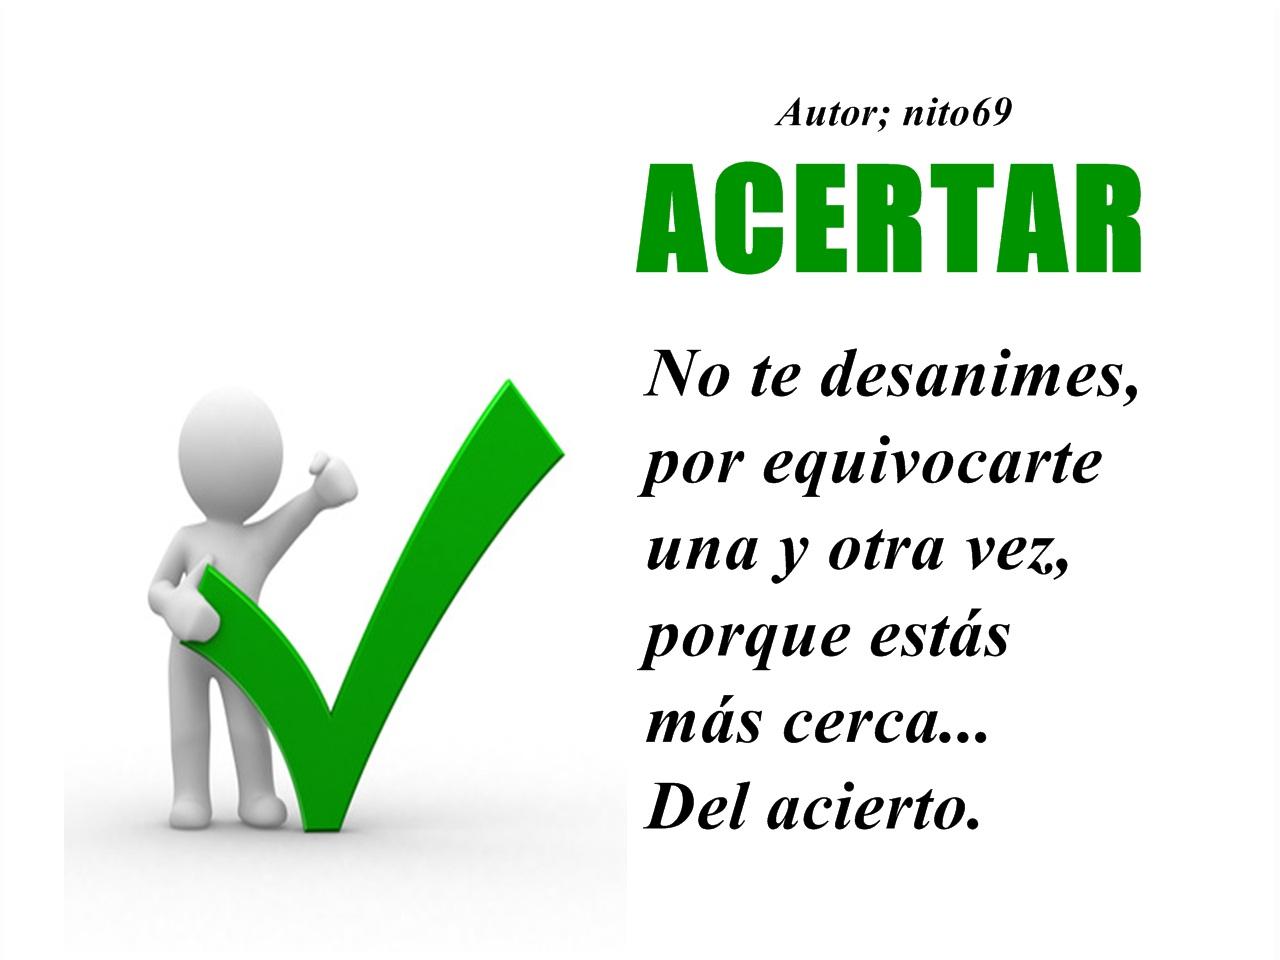 ACERTAR